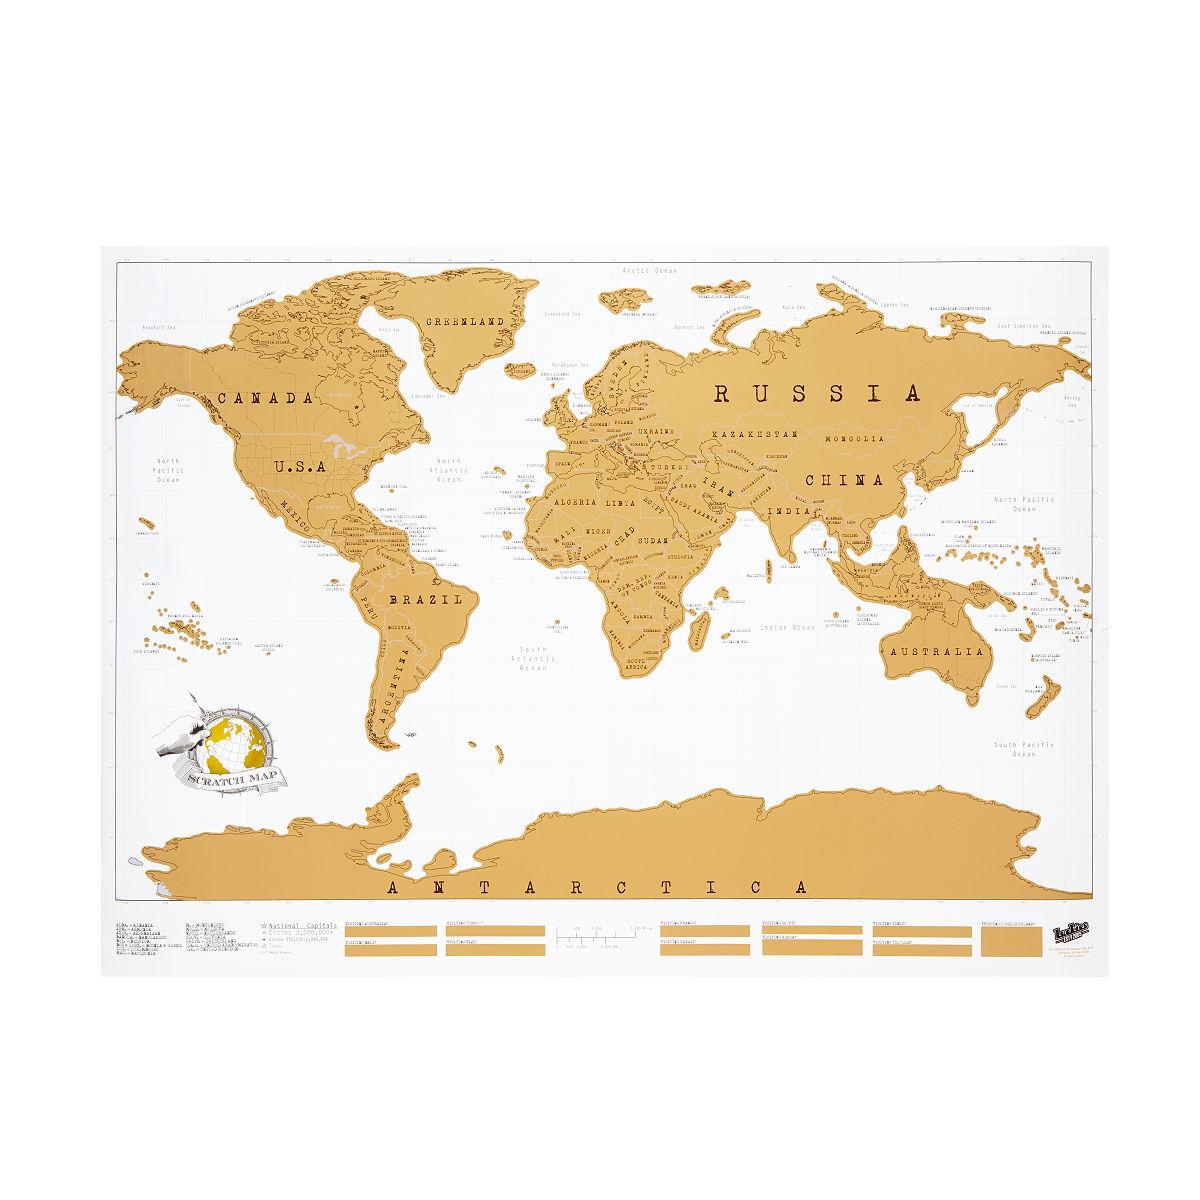 Scratch Map Scratch Off World World Poster UncommonGoods - Scratch world map us manaufacturuer